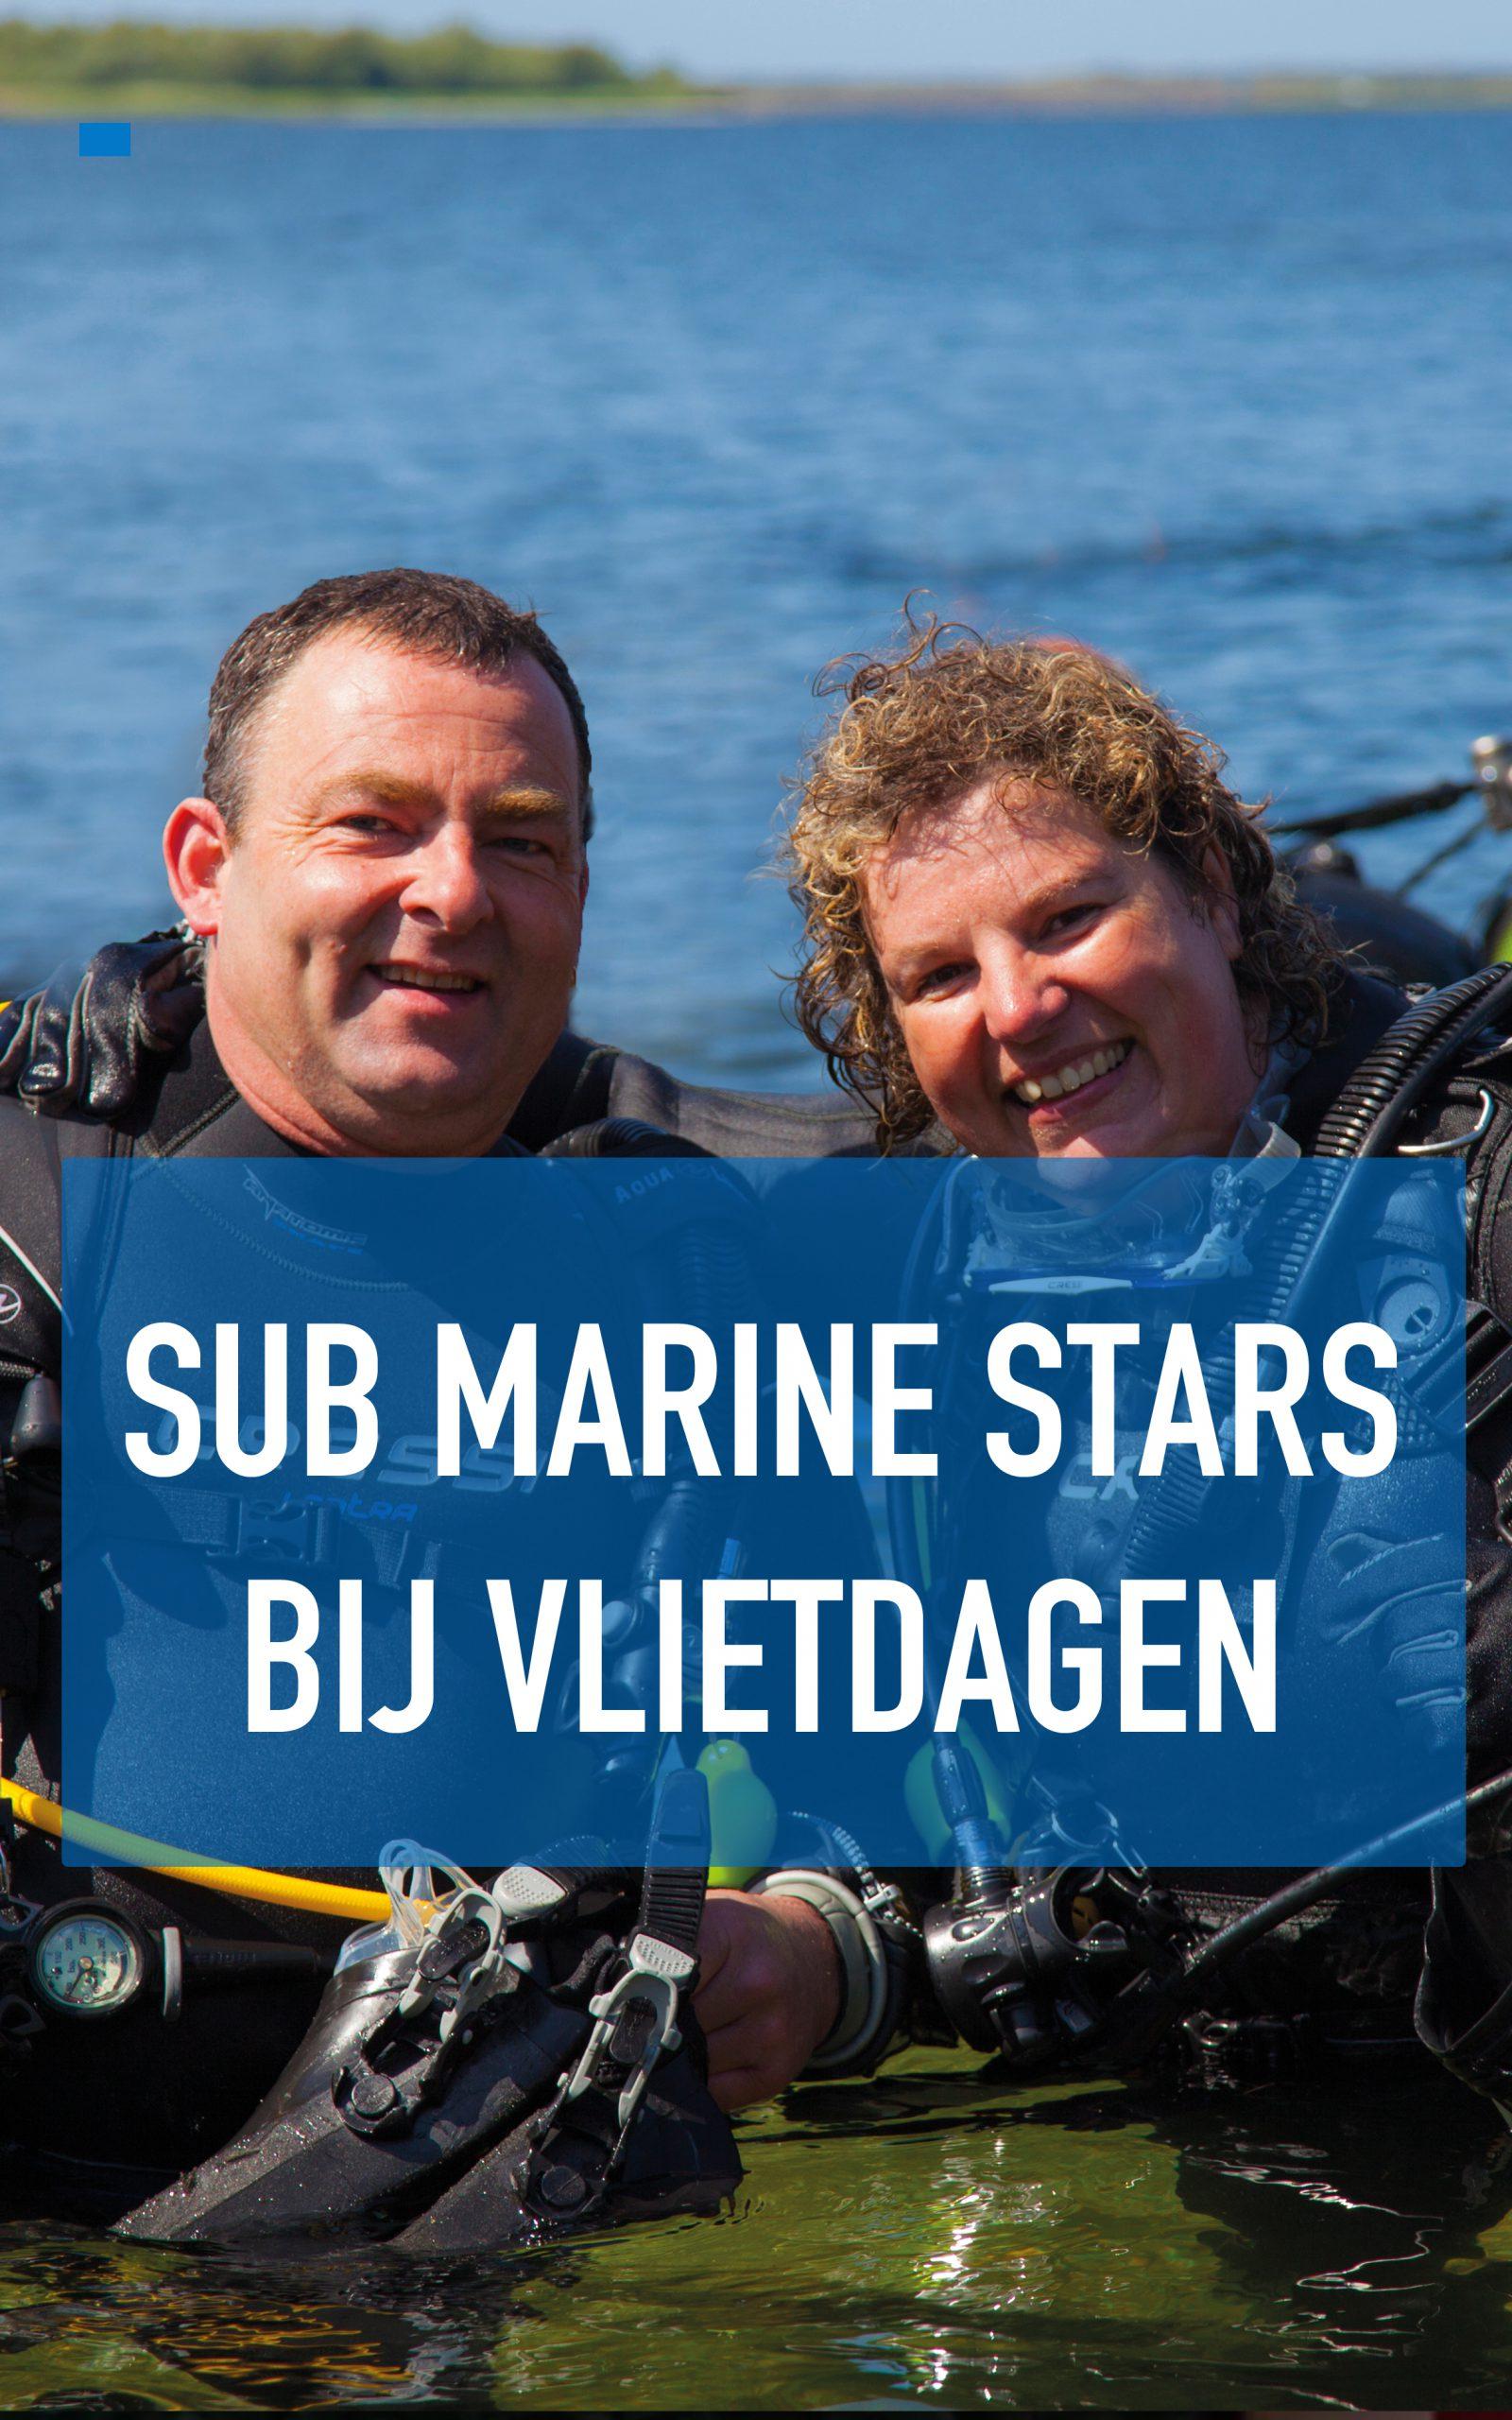 Sub Marine Stars bij Vlietdagen